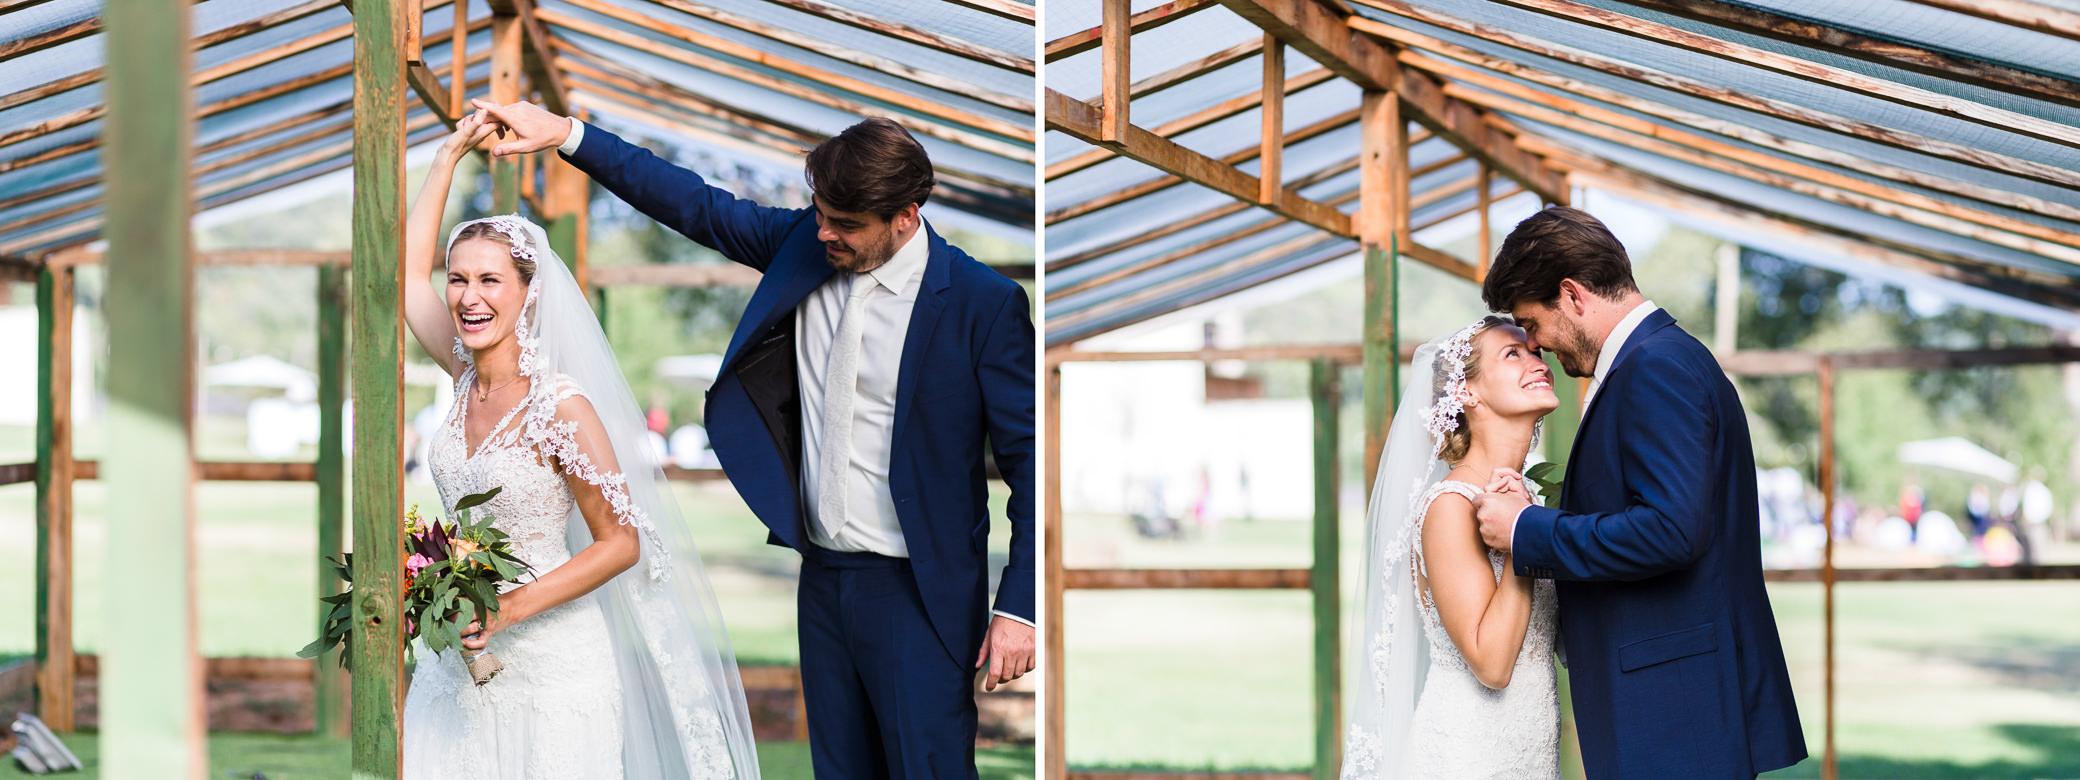 boda-olot-mas-can-batlle-destination-wedding-photografeel-34.jpg